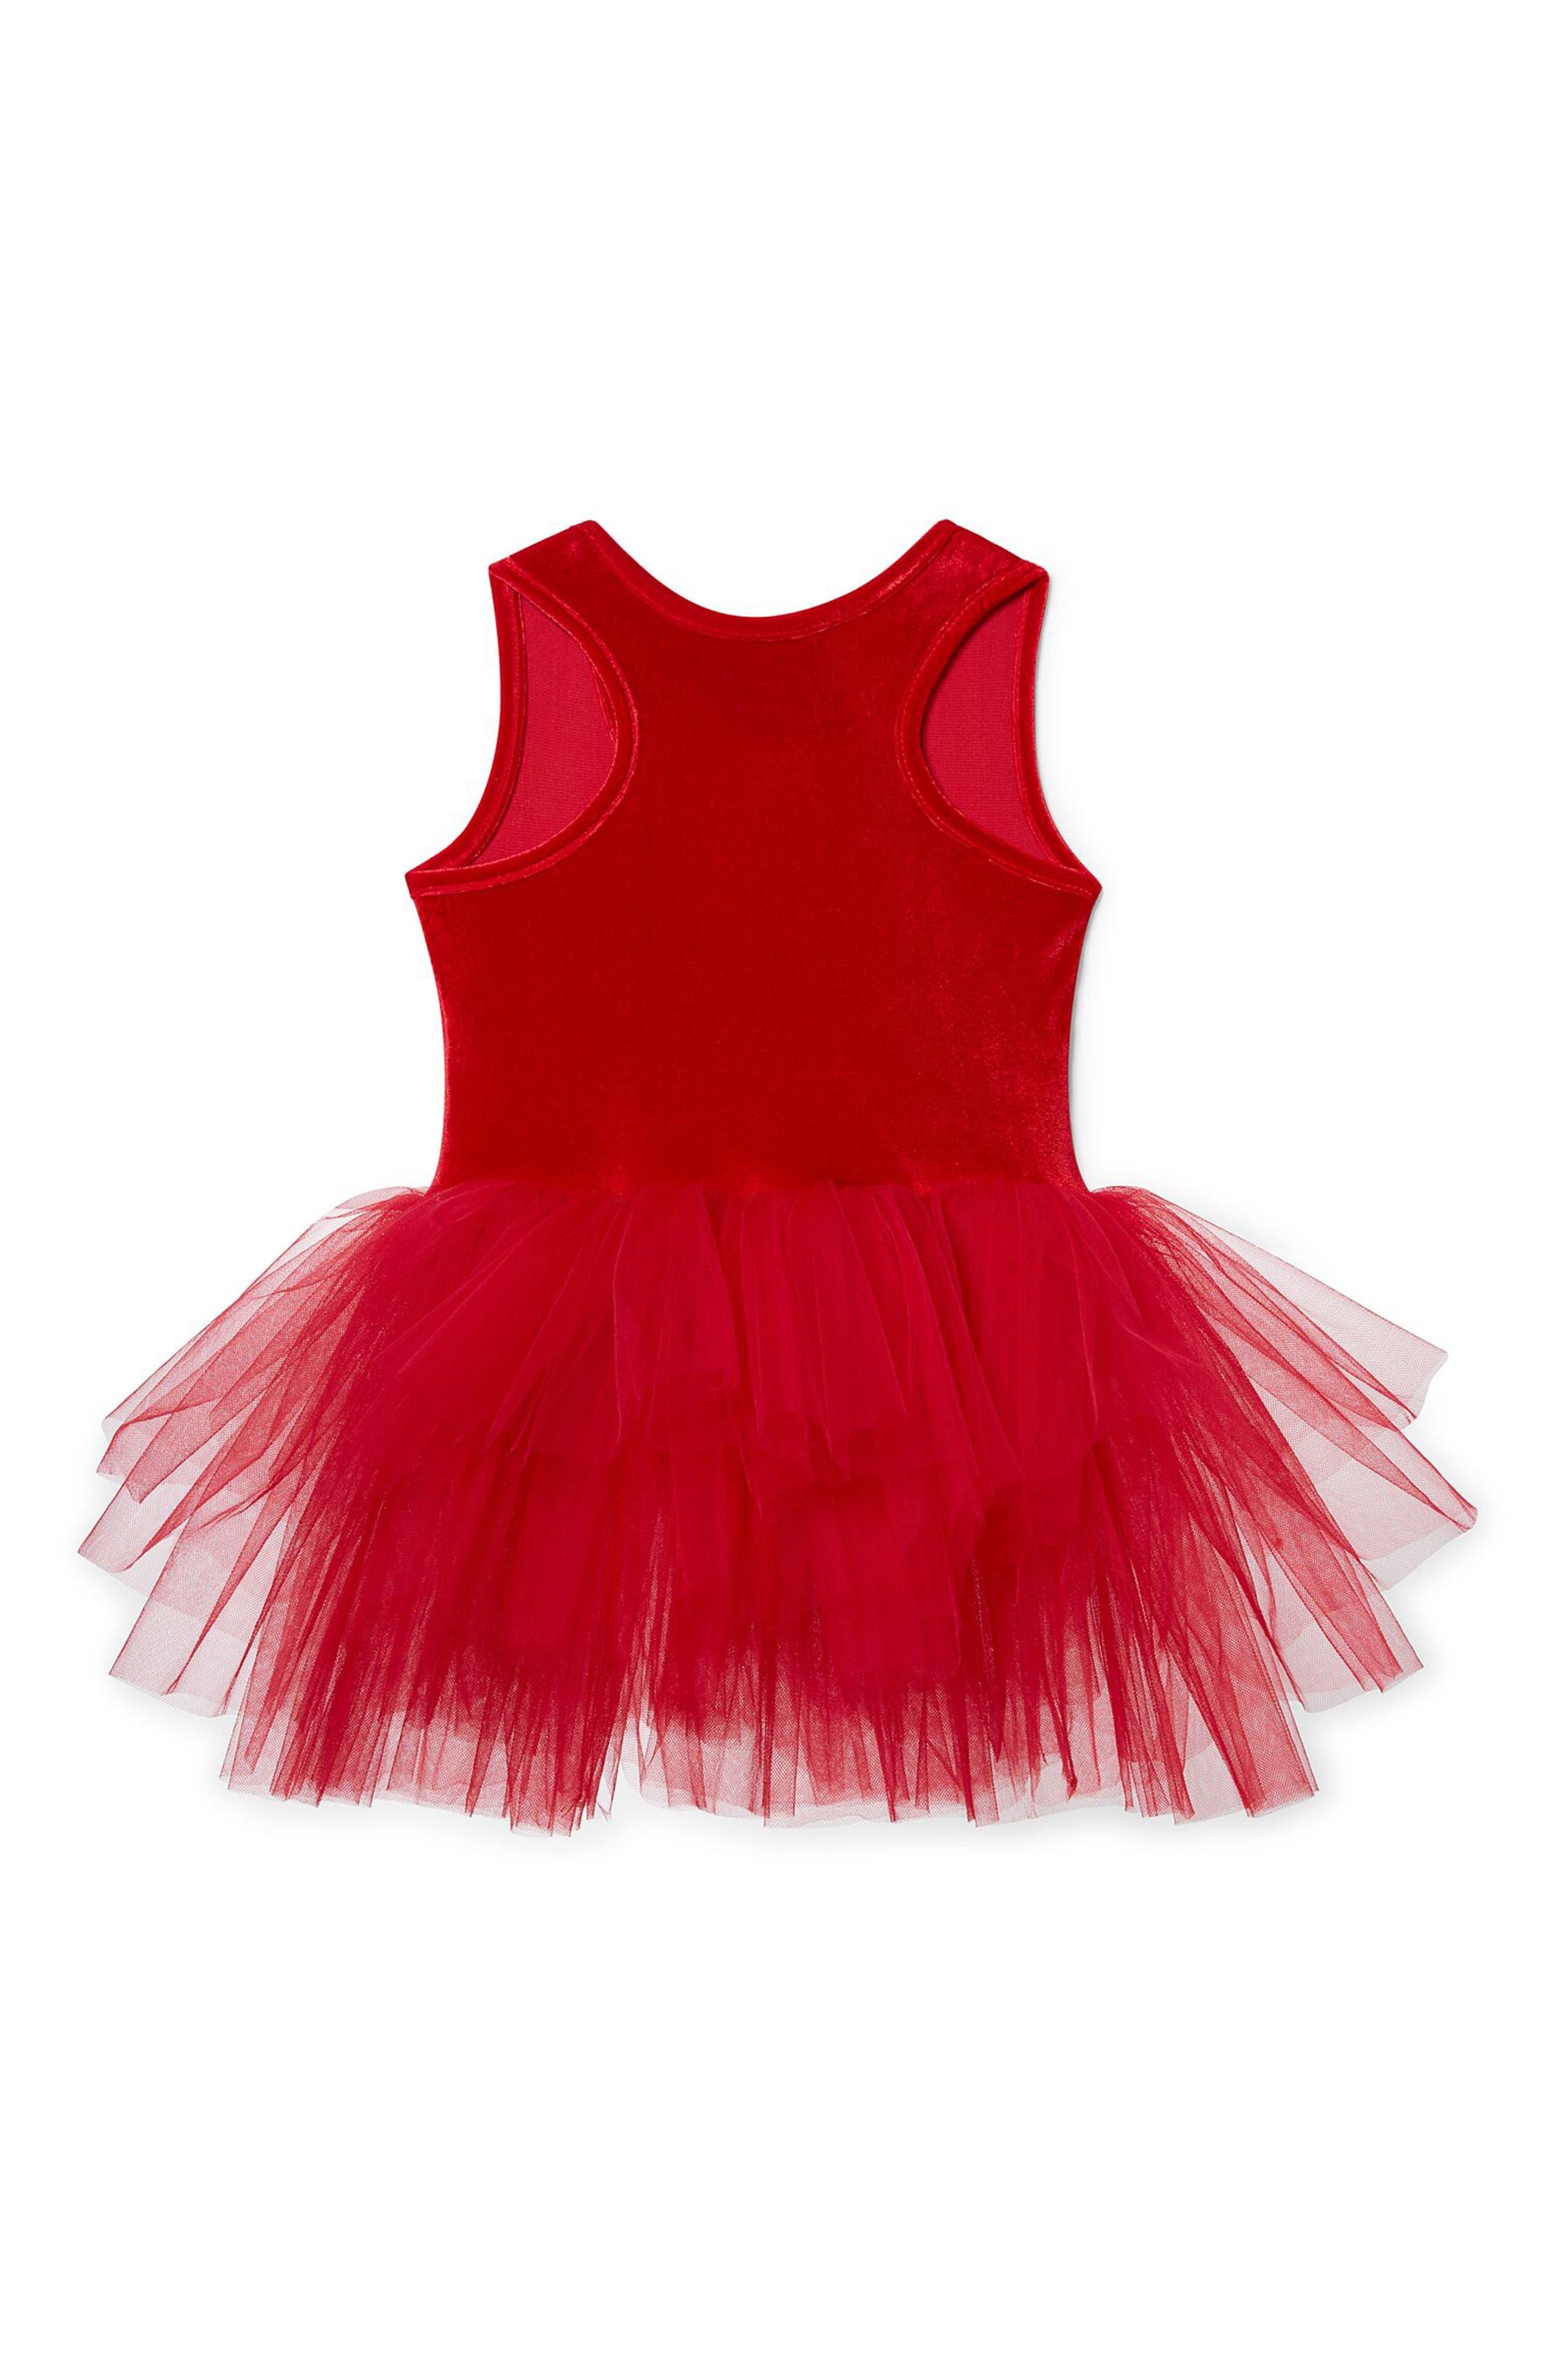 Velvet & Tulle Tutu Dress,                             Alternate thumbnail 2, color,                             600